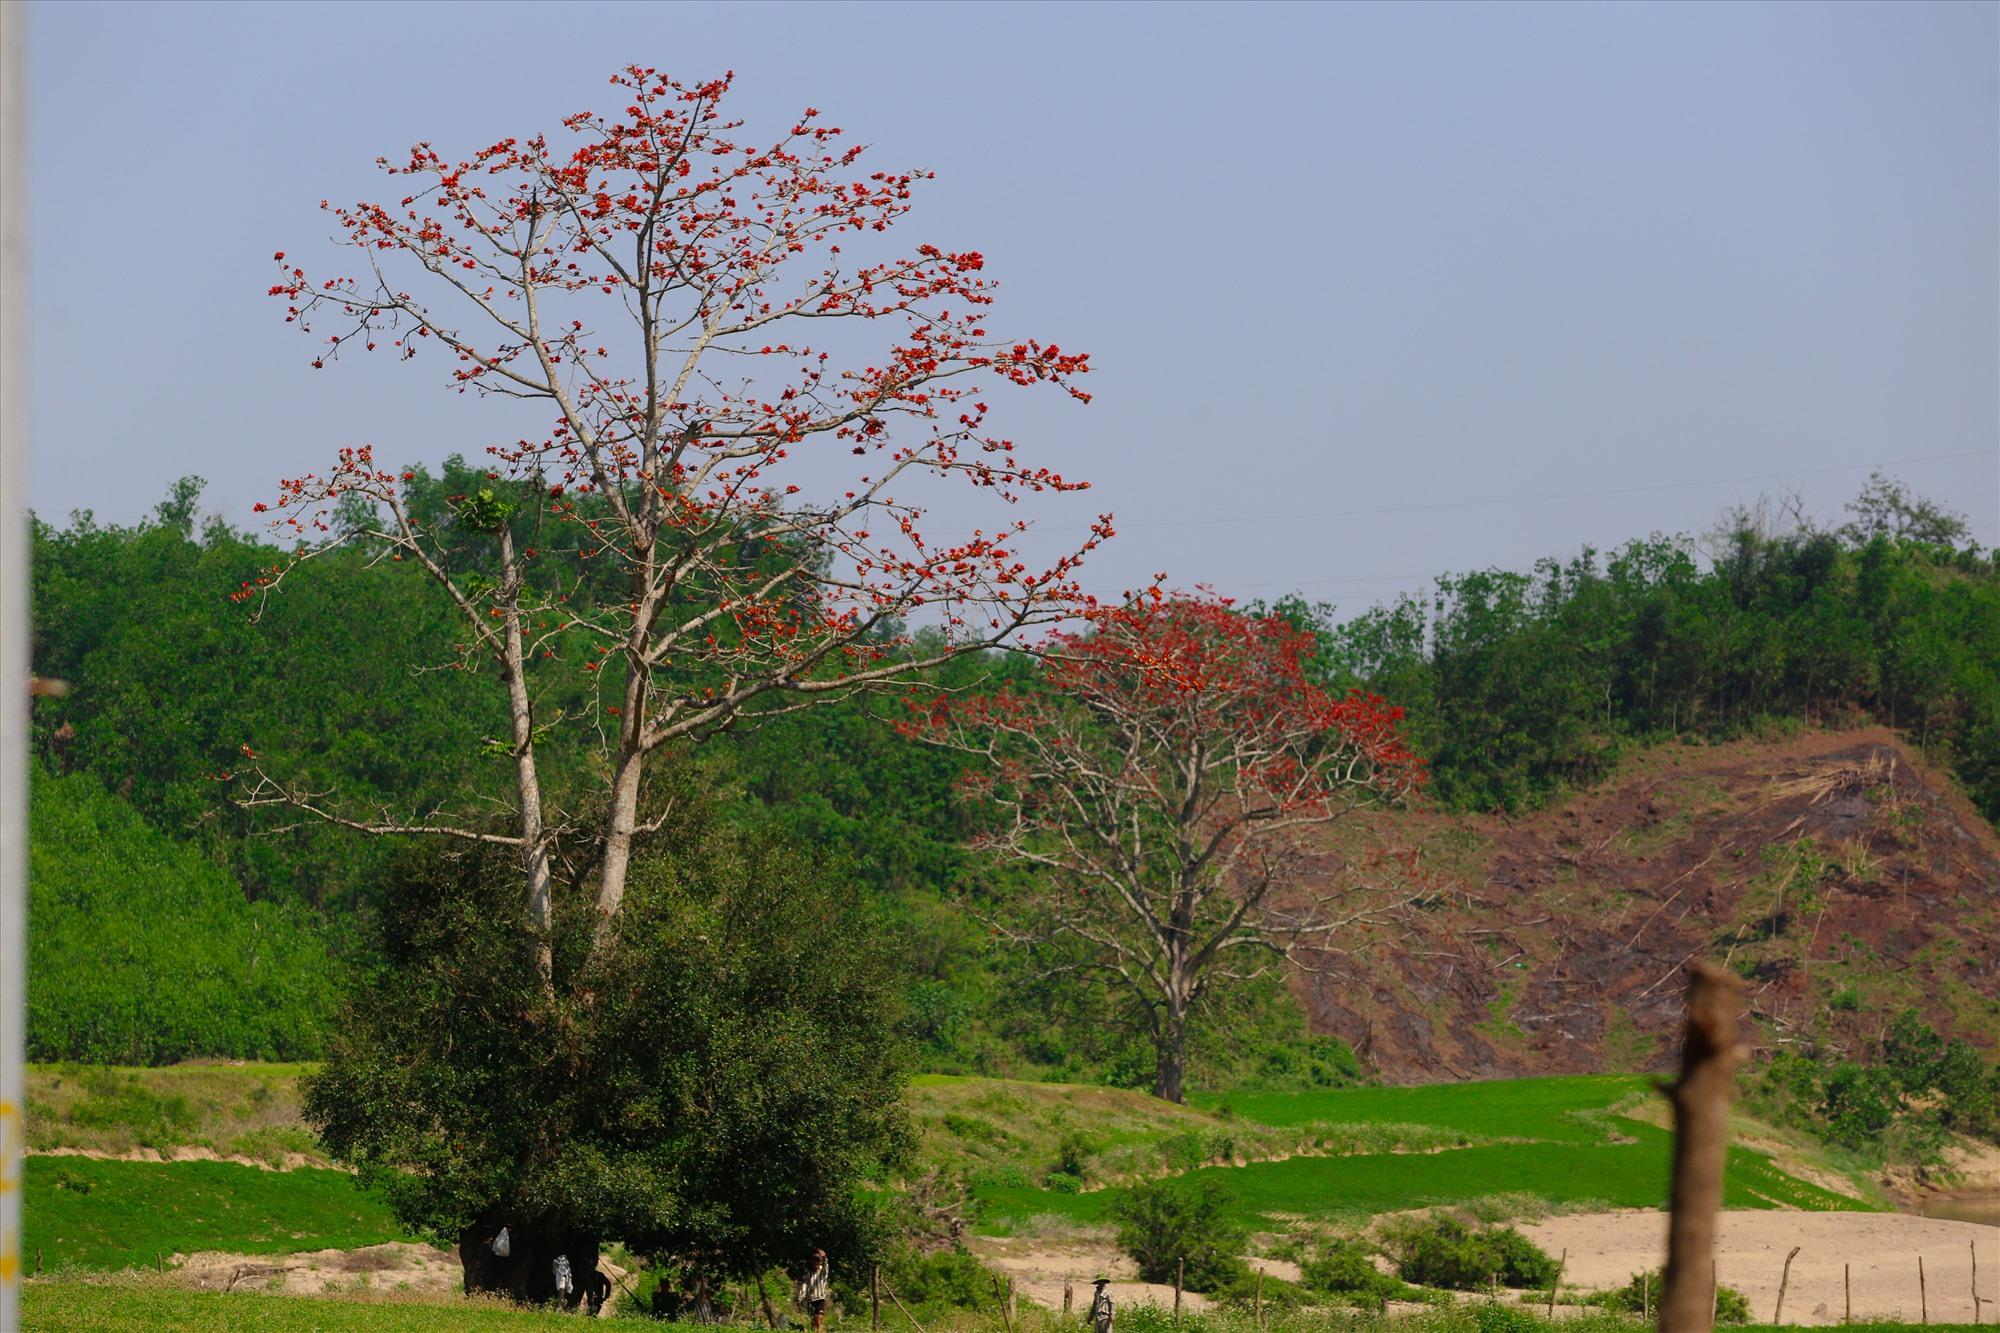 Khác với miền bắc, hoa gạo ở đất Quảng thường mọc rải rác. Ảnh: T.C